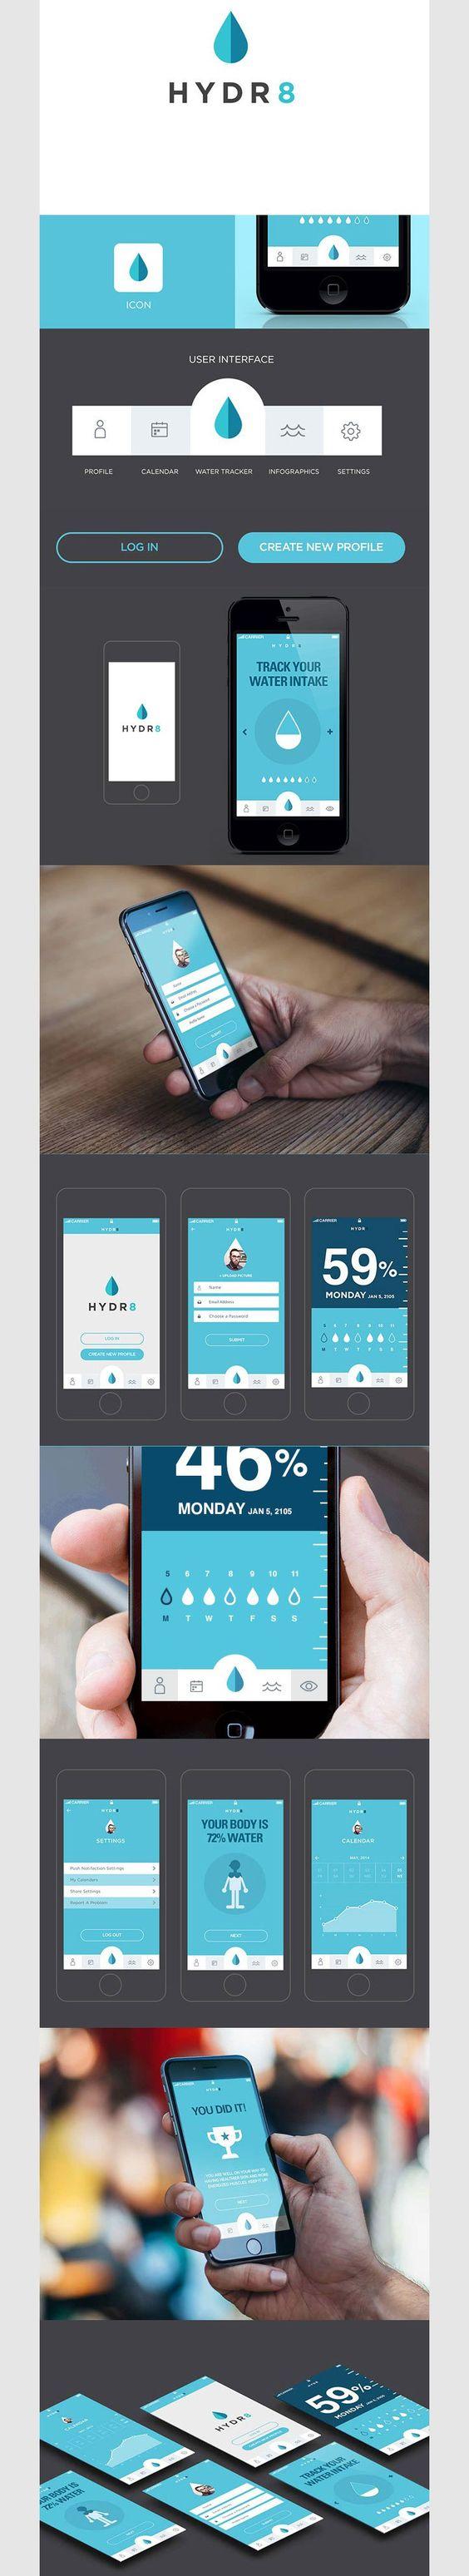 Hydr8 App für iOS! Du trinkst zu wenig? Mit dieser App kannst du tracken, wie…